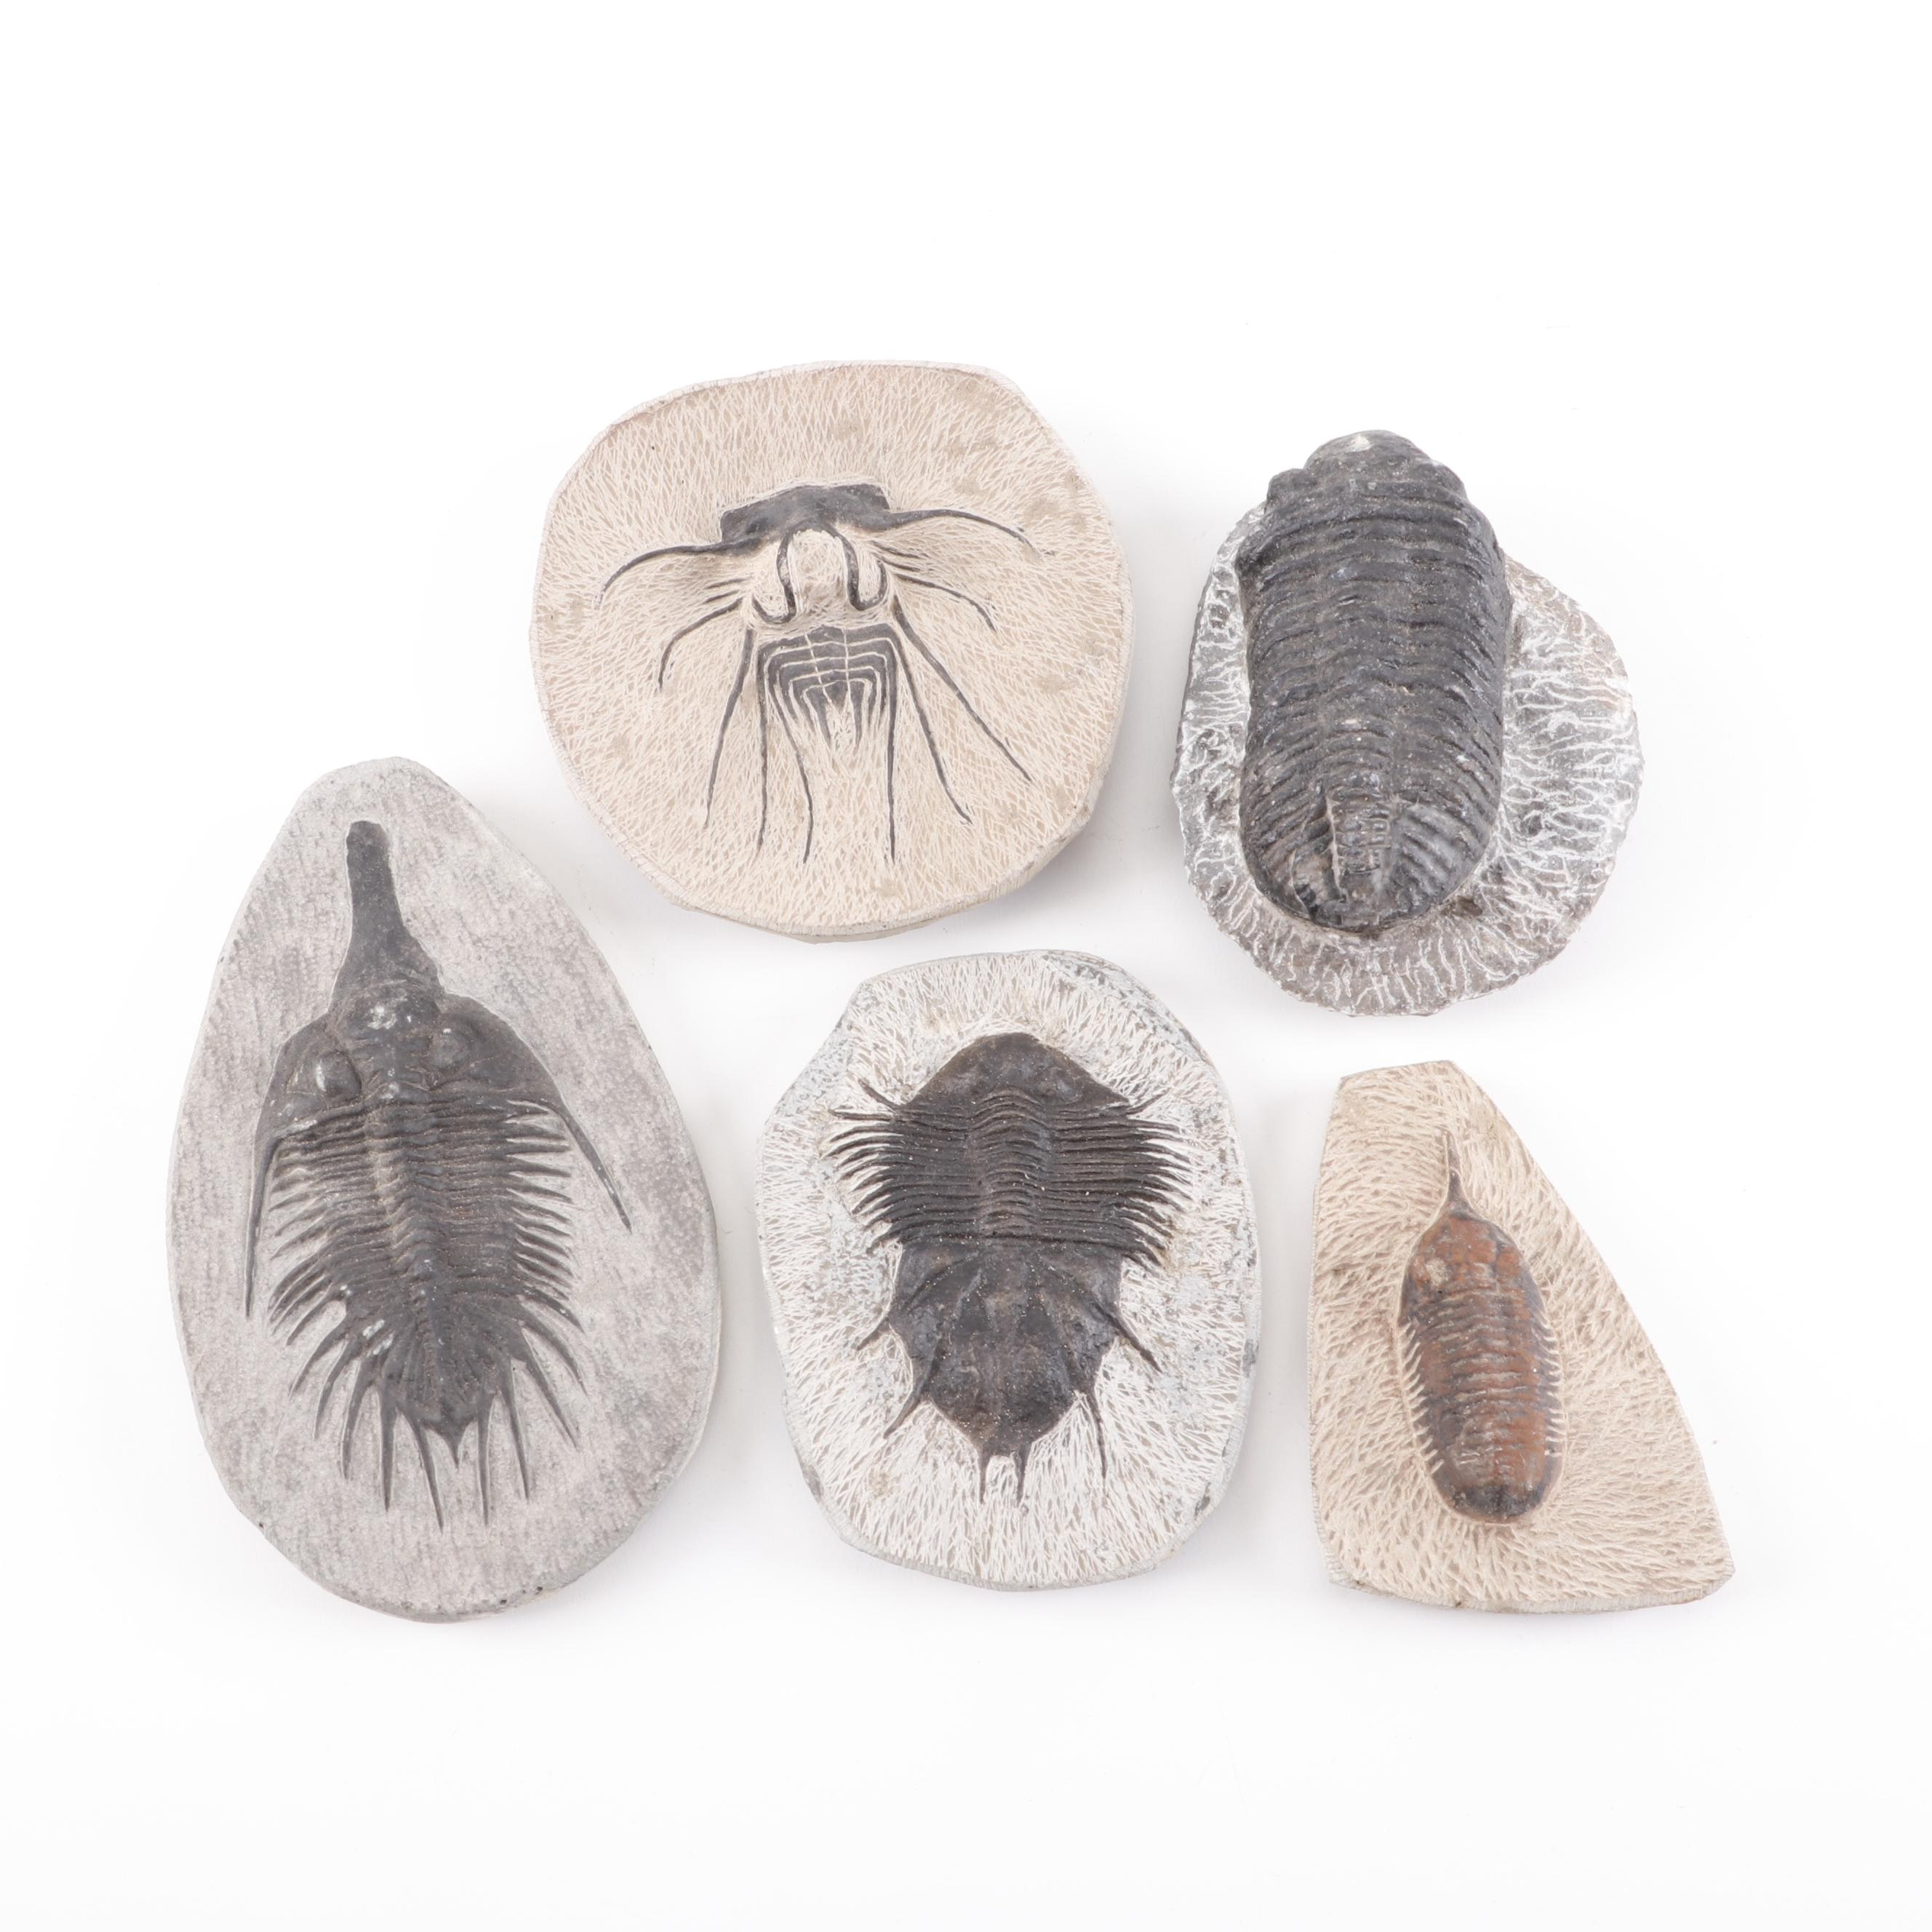 Five Trilobite Fossils